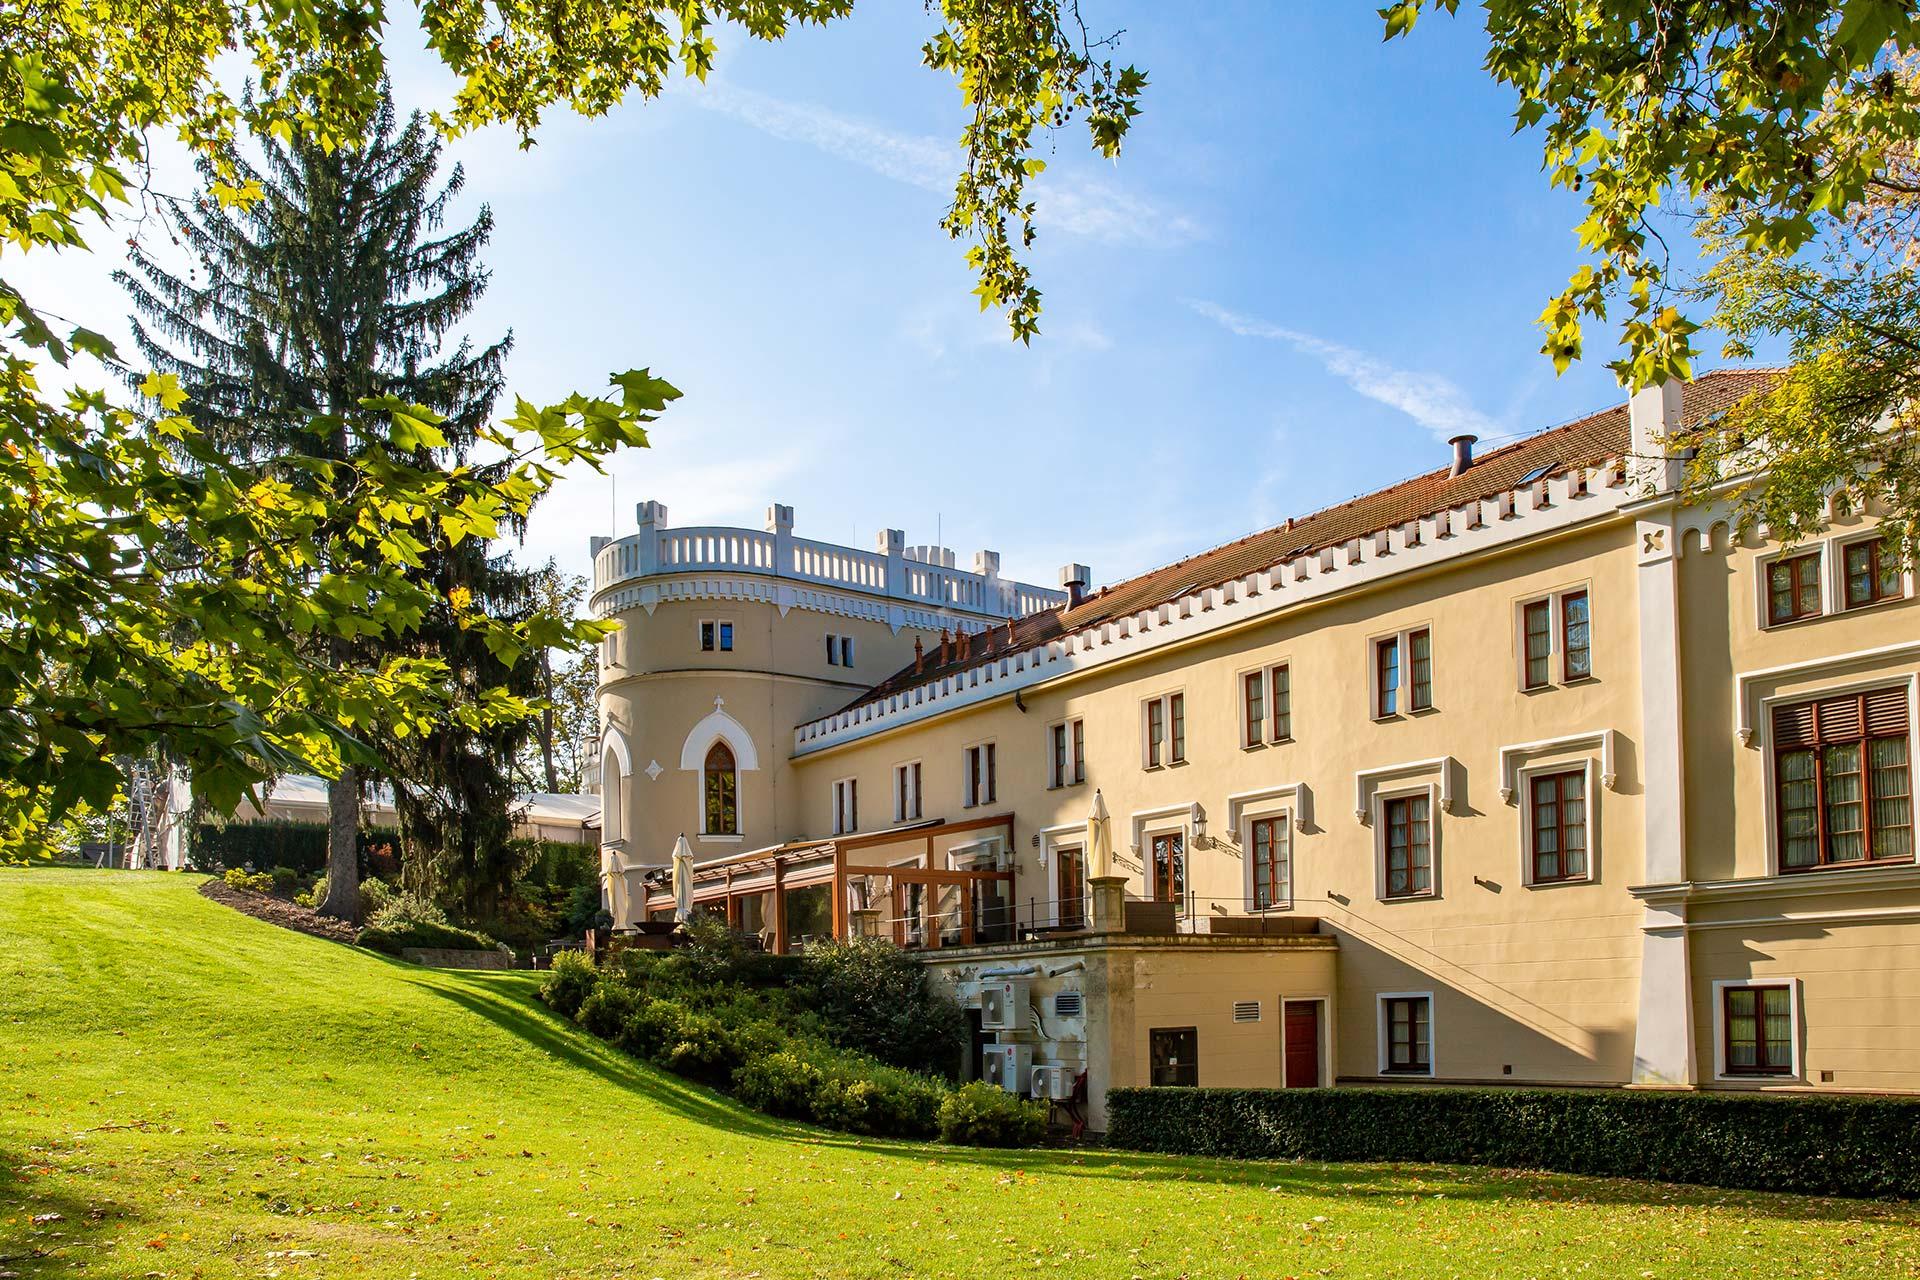 1_chateau_jpg-(39).jpg